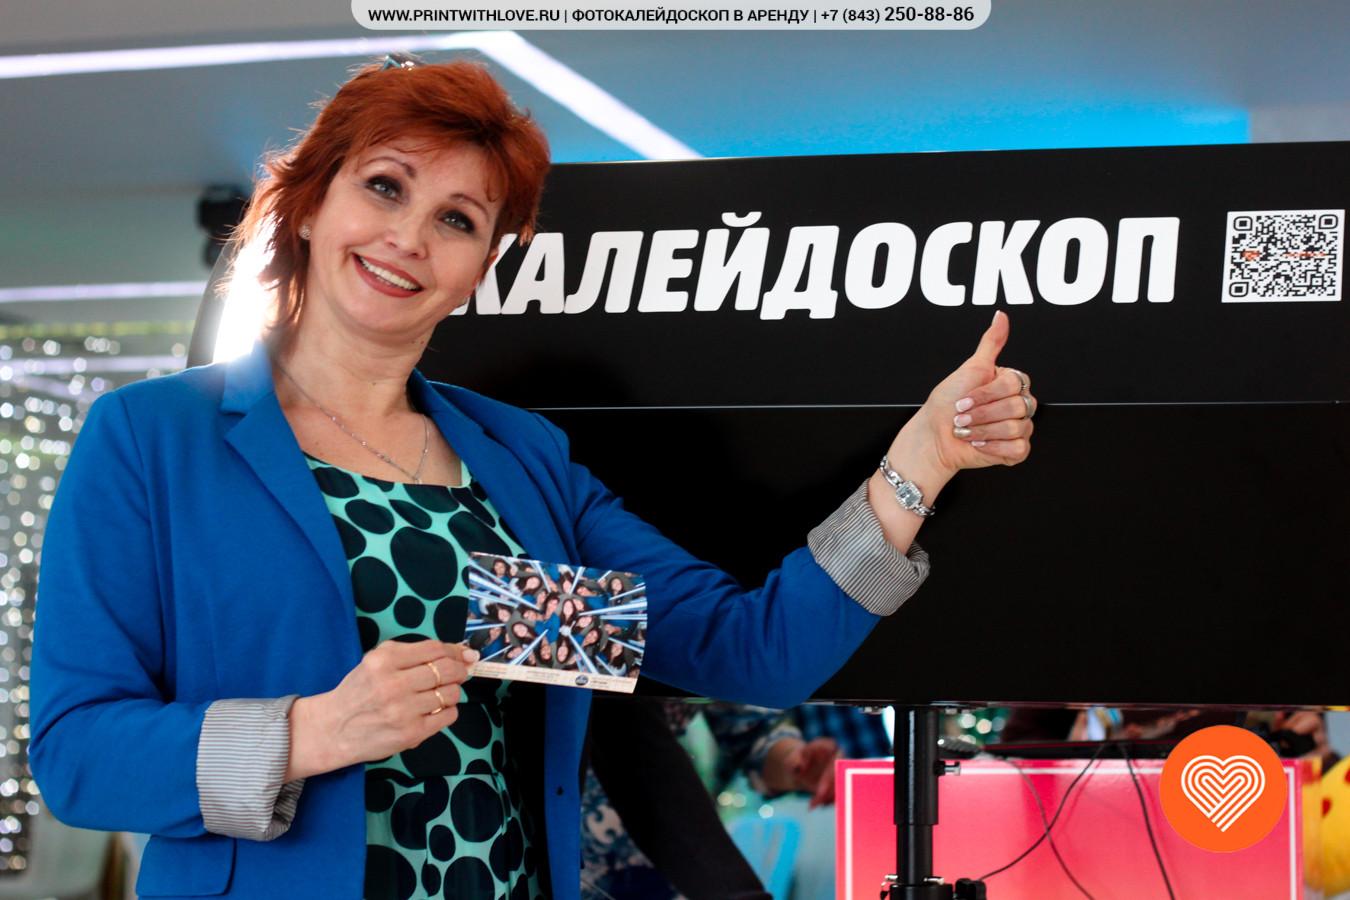 Фотозона ЛедКалейдоскоп в аренду в Казани и городах Поволжья